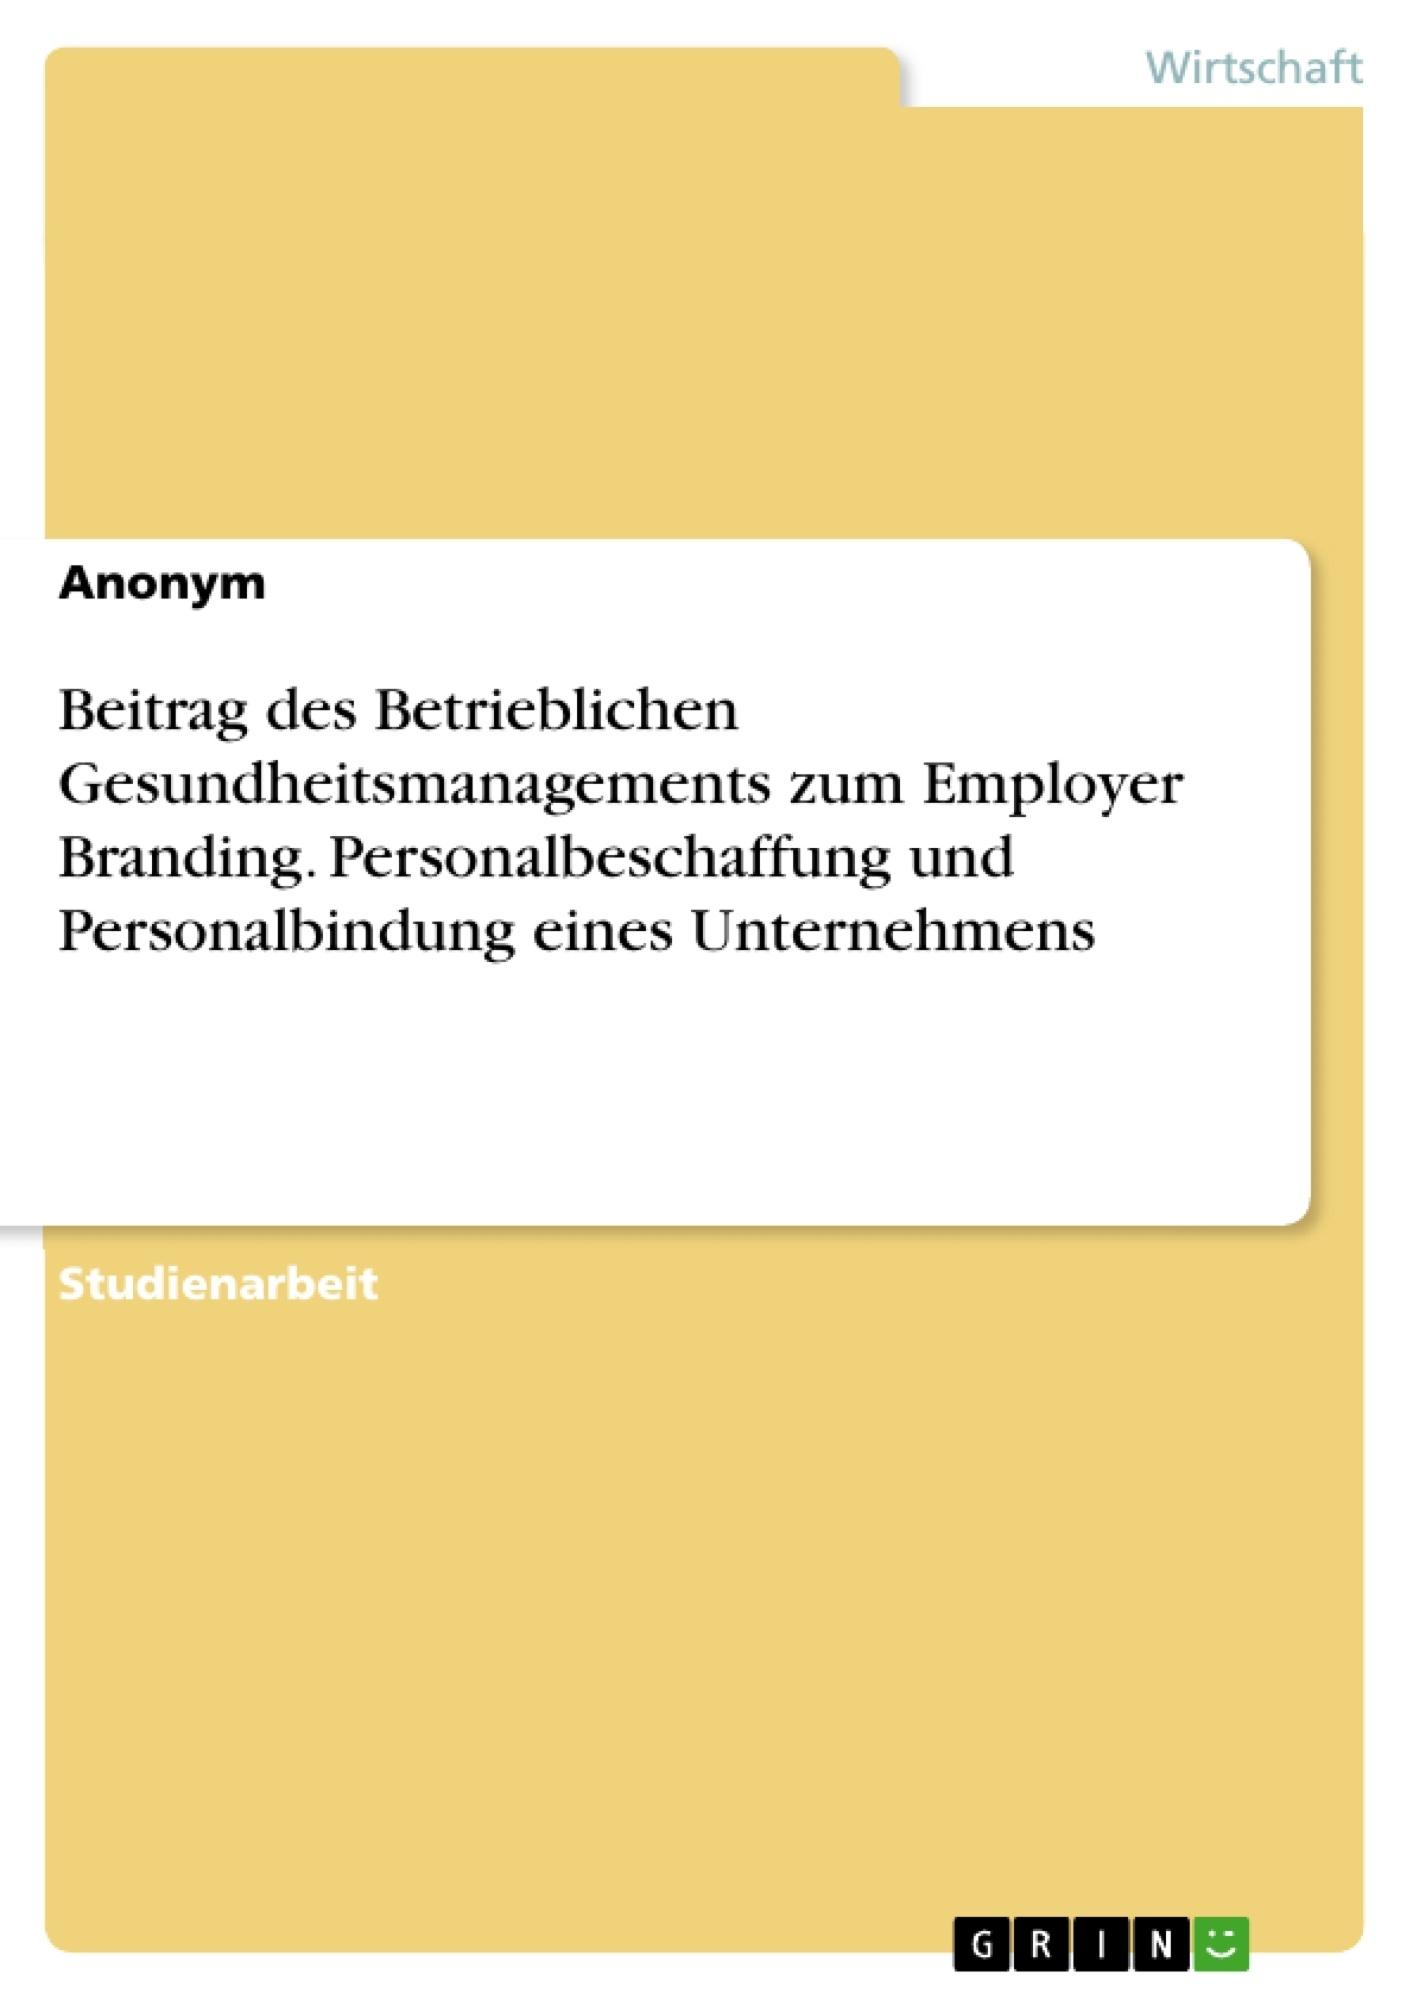 Titel: Beitrag des Betrieblichen Gesundheitsmanagements zum Employer Branding. Personalbeschaffung und Personalbindung eines Unternehmens